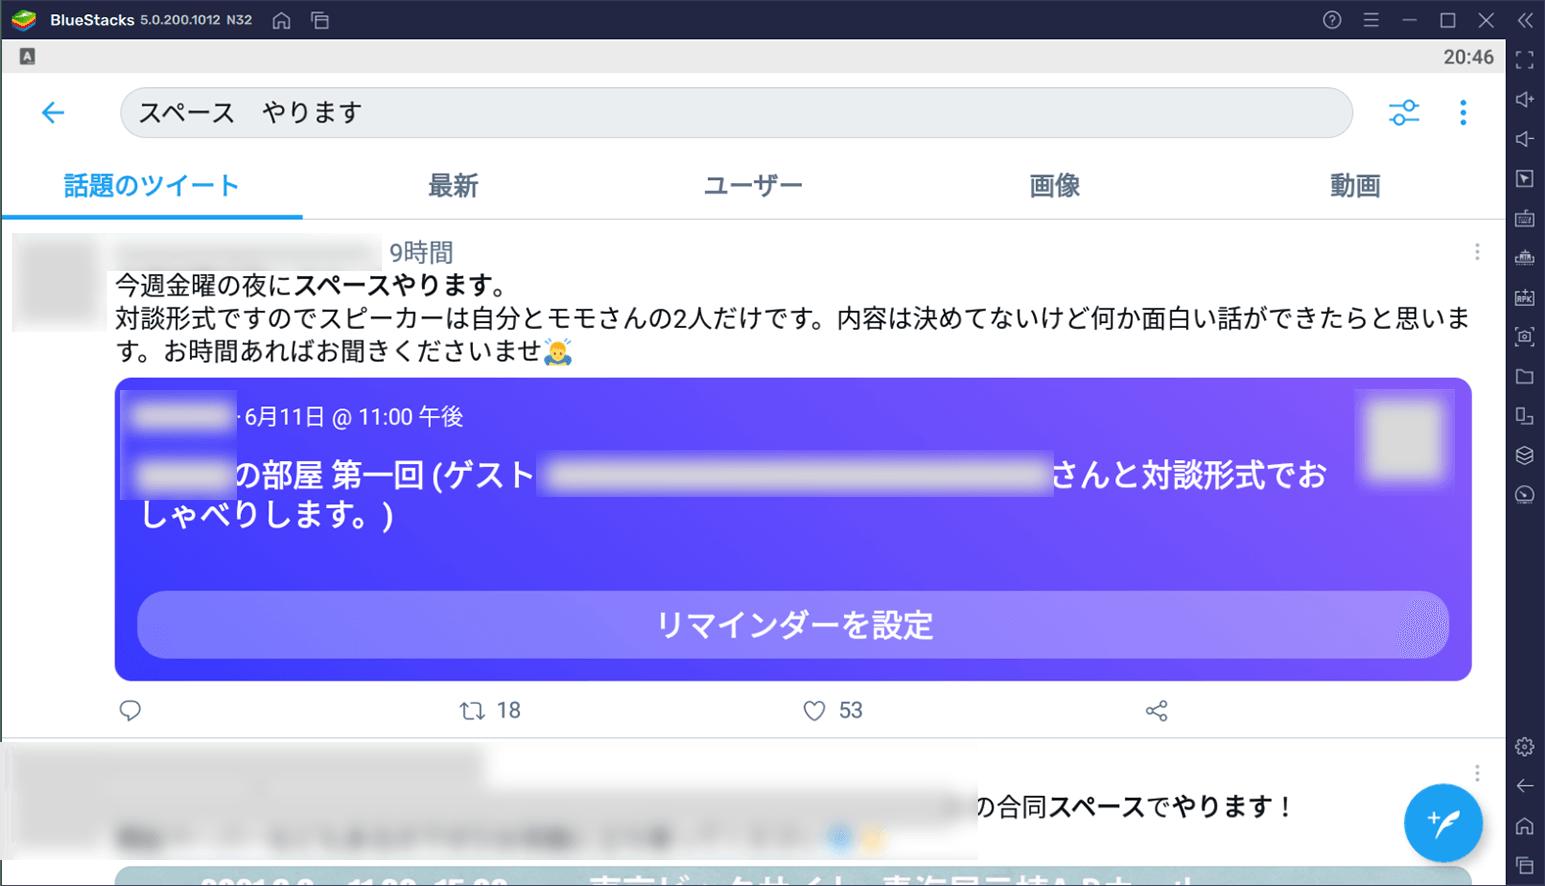 BlueStacks:Twitterの新機能「スペース」を使用する方法